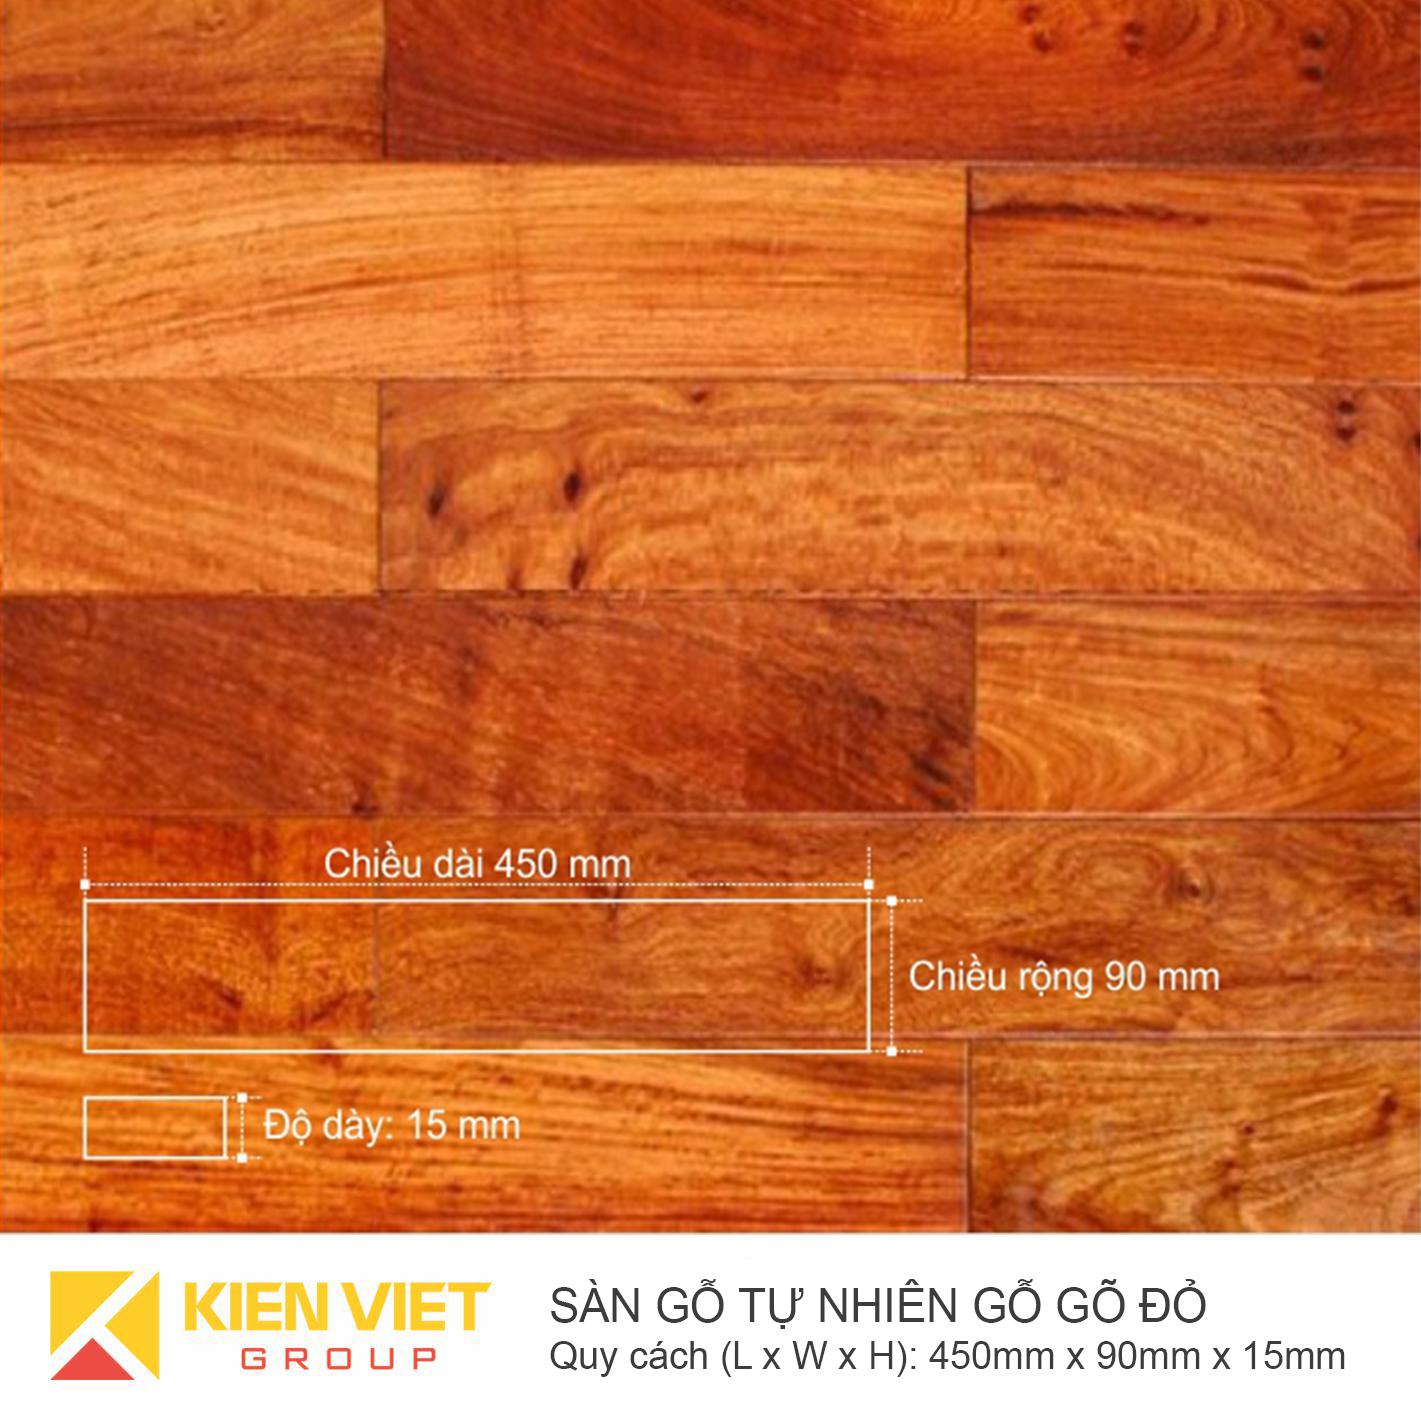 Sàn gỗ tự nhiên gõ đỏ 450x15mm